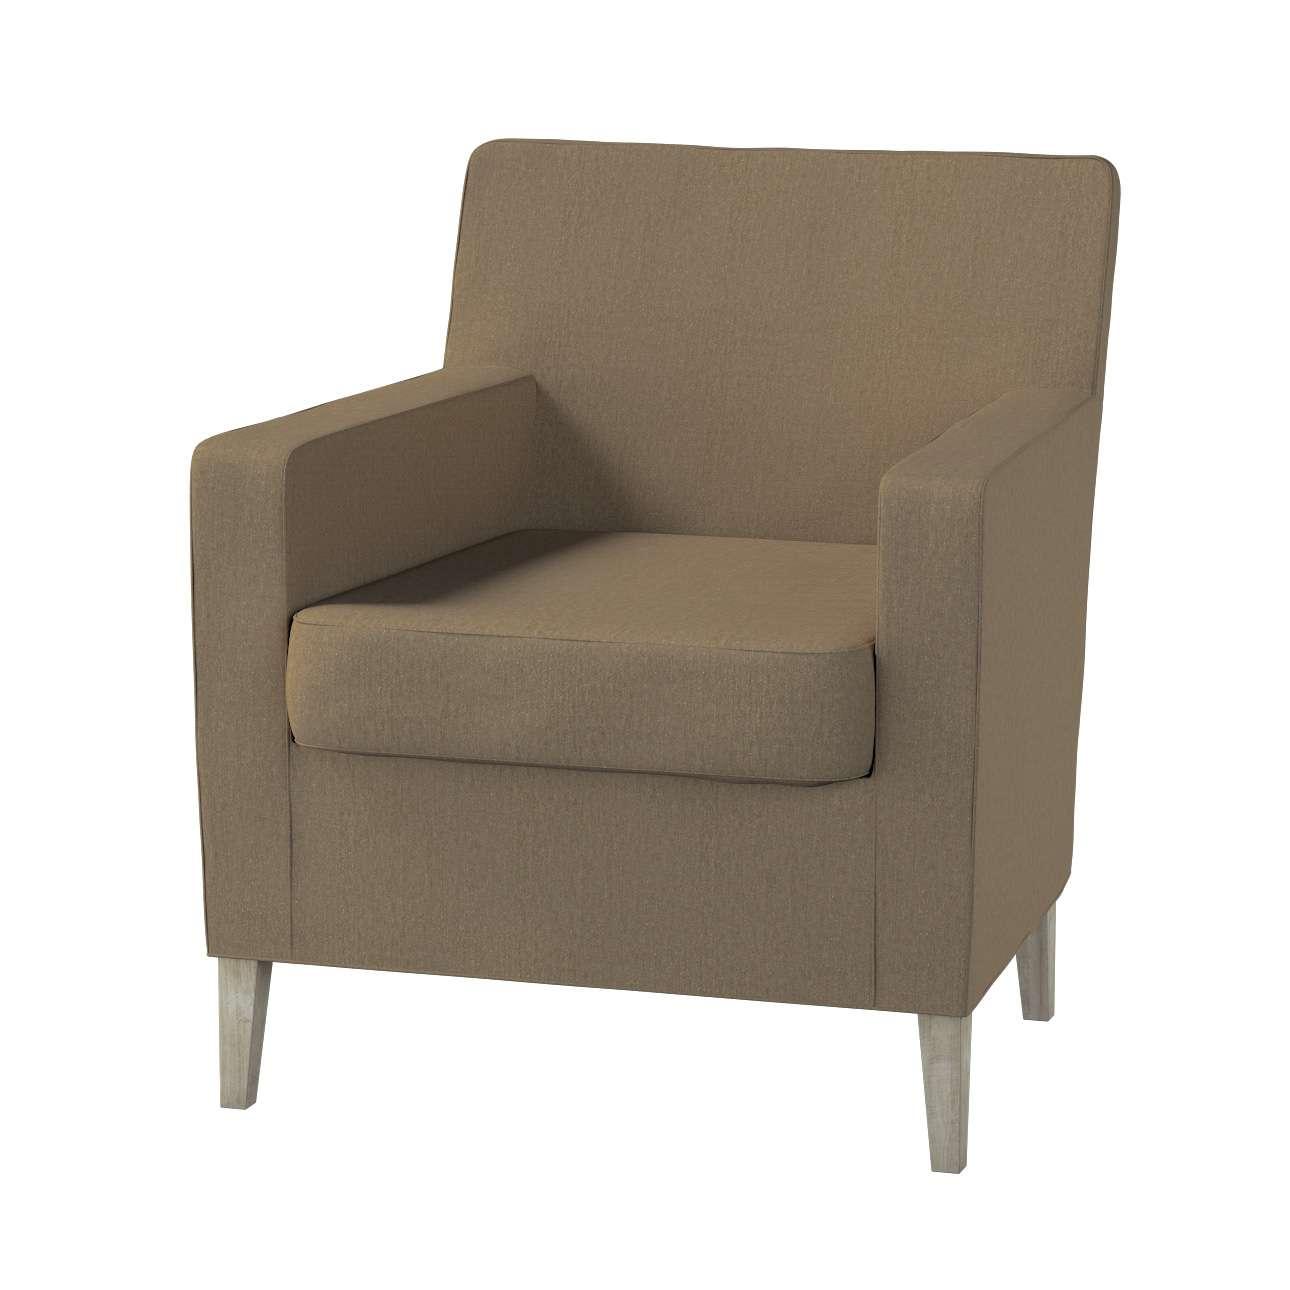 Karlstad fotelio-kėdės užvalkalas Karlstad fotelio - kėdės užvalkalas kolekcijoje Chenille, audinys: 702-21